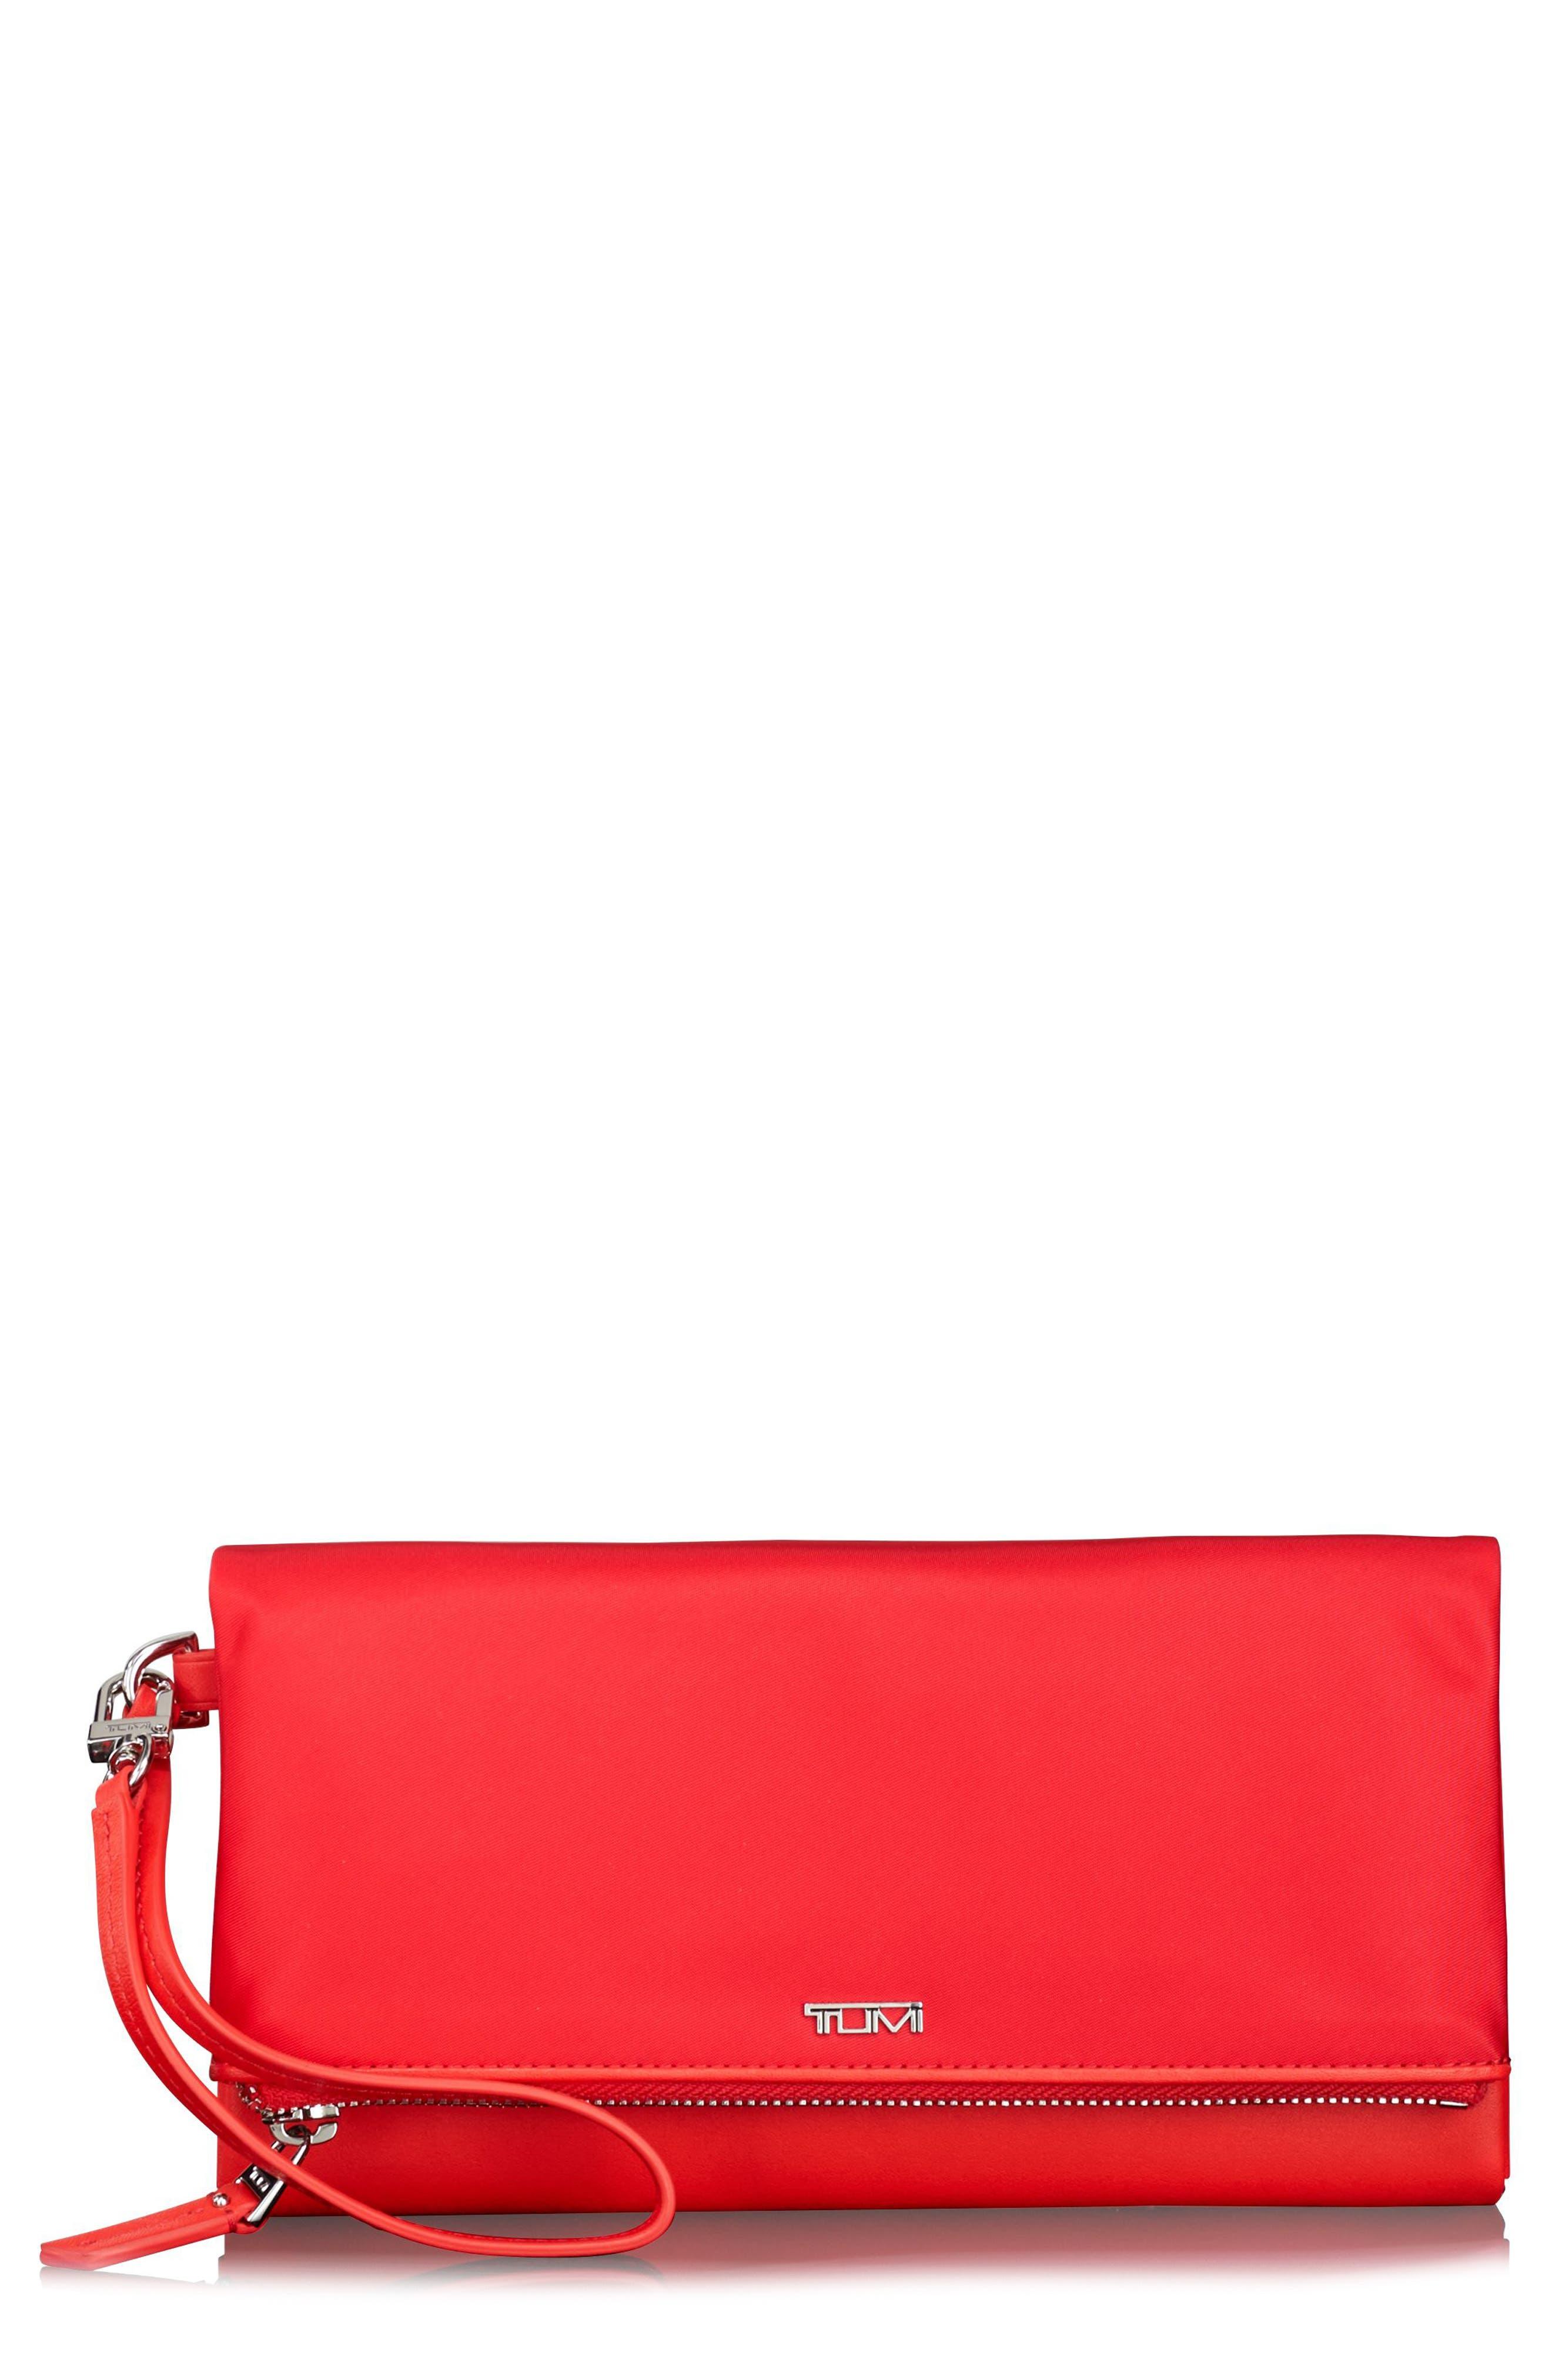 Tumi Travel Flap Wallet